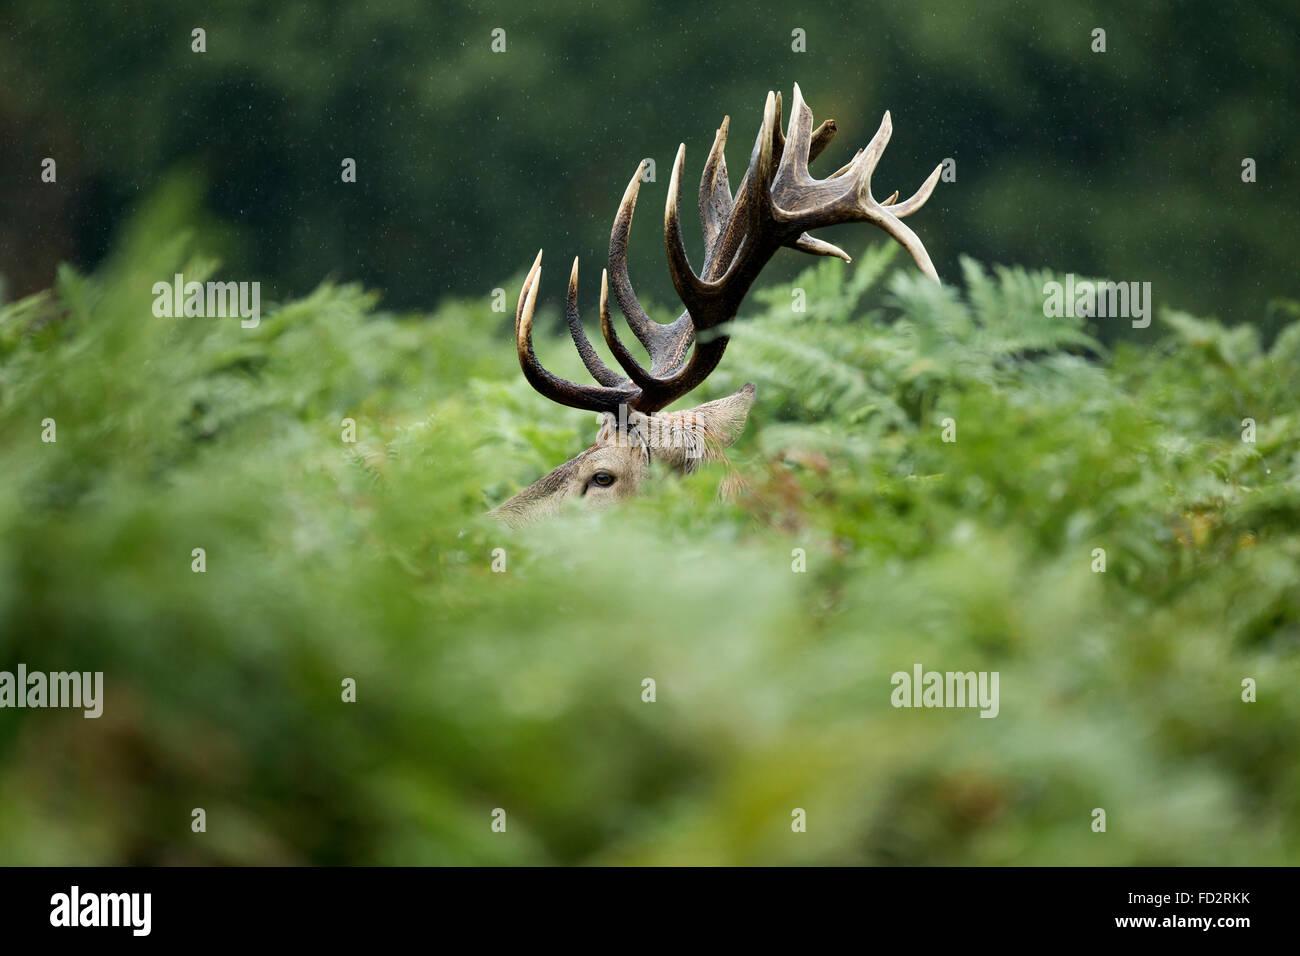 Red deer (Cervus elaphus) stag in bracken during the rutting season - Stock Image